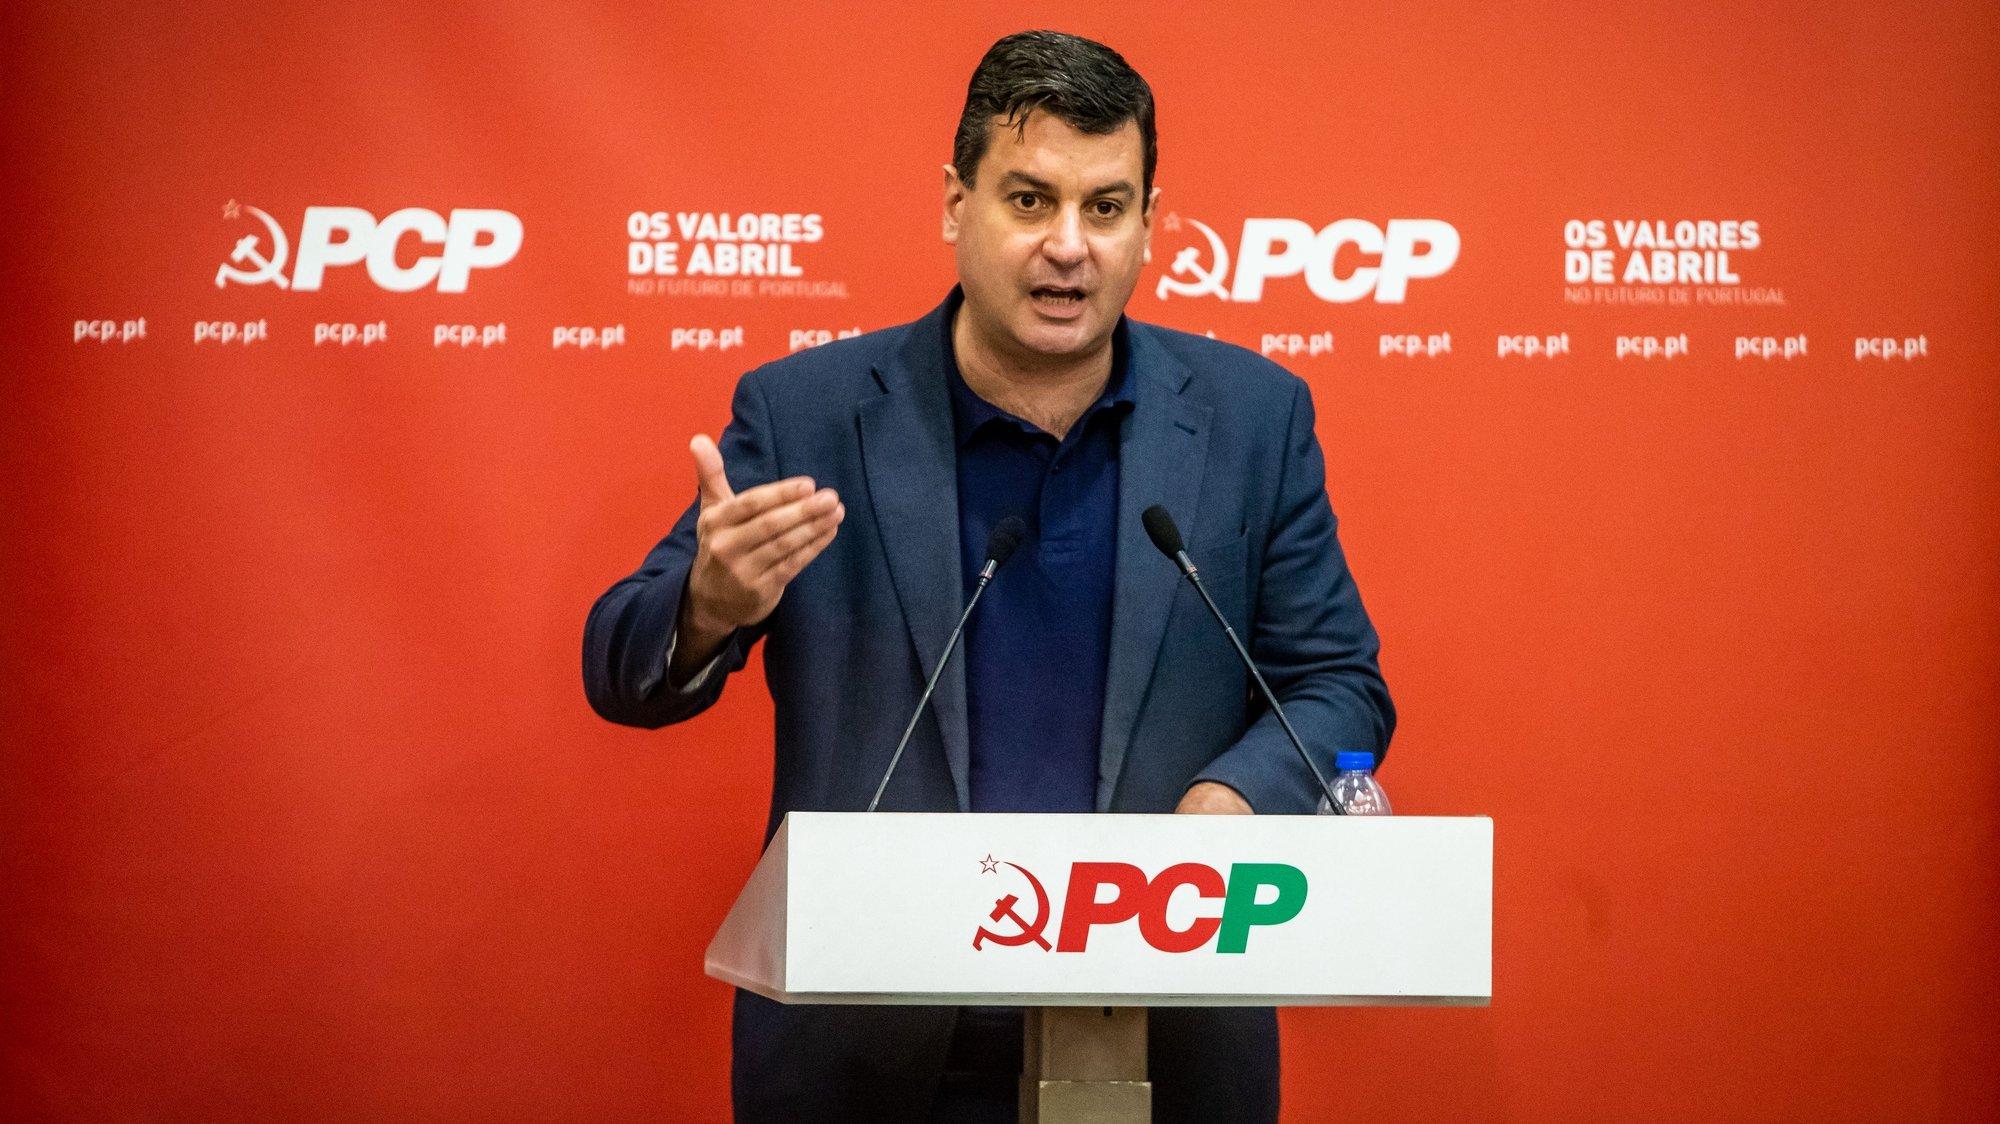 """O deputado do Partido Comunista Português (PCP), Bruno Dias, usa da palavra durante a mesa redonda: """"Produção nacional de embarcações e navios - O desenvolvimento do aparelho produtivo e do setor marítimo-portuário"""", no centro de trabalho Vitória, em Lisboa, 06 de julho de 2021. JOSÉ SENA GOULÃO/LUSA"""